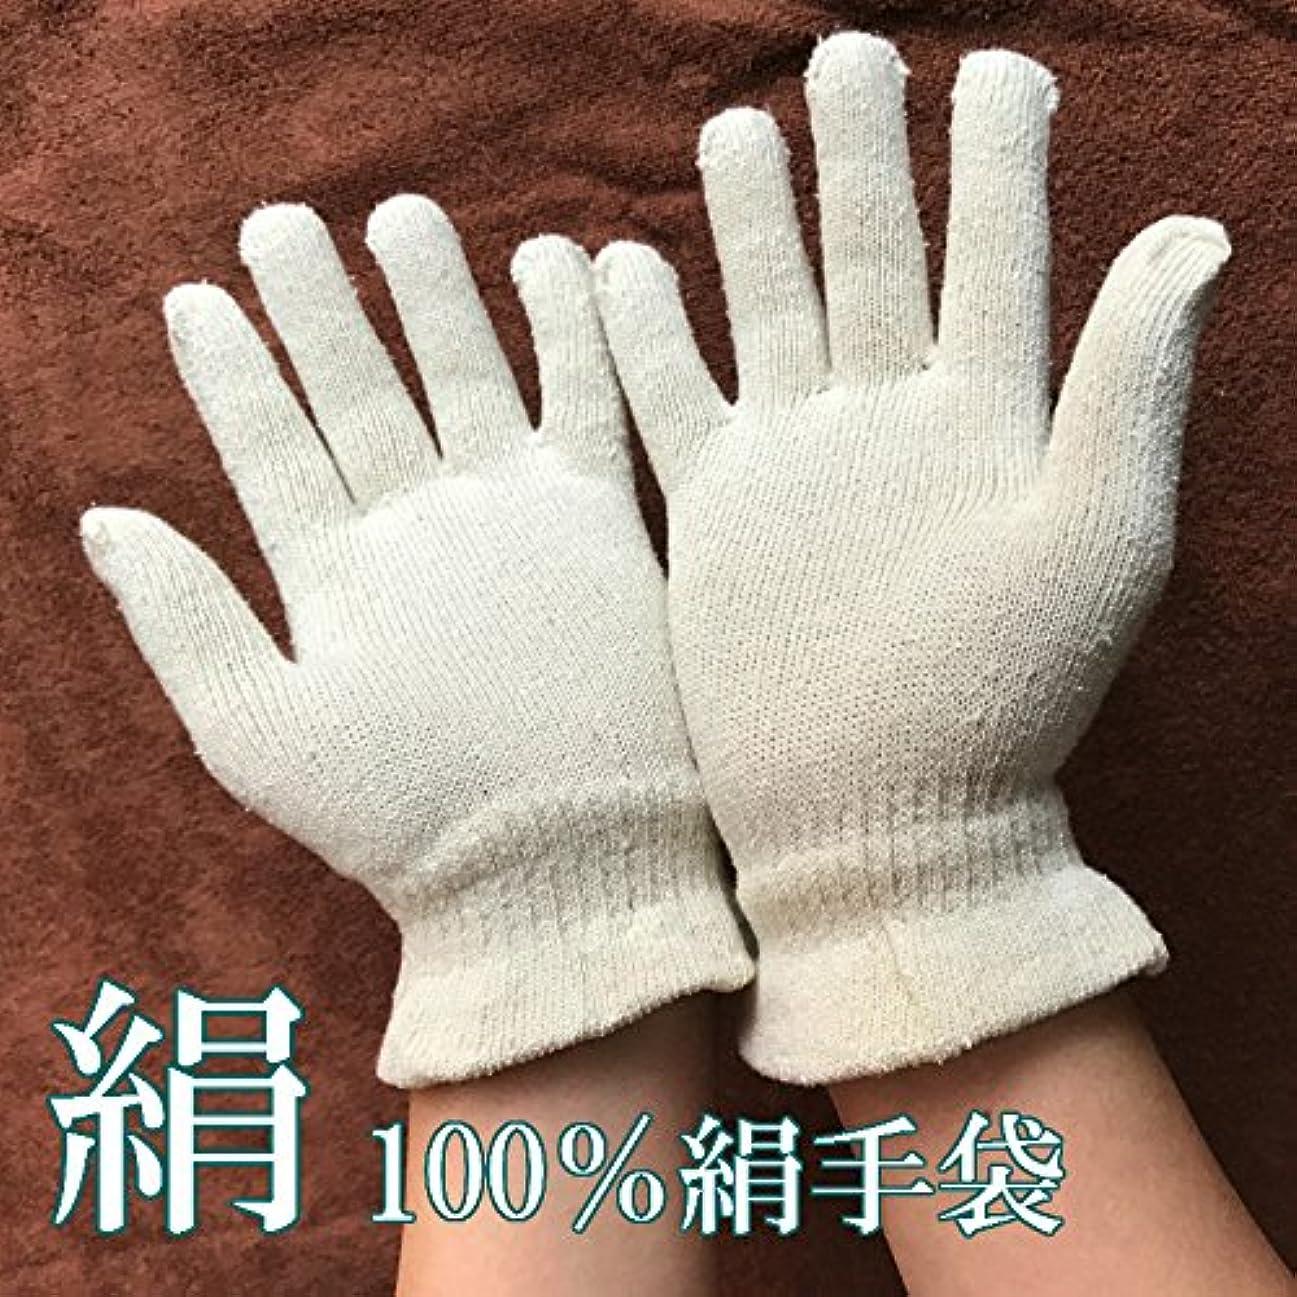 絹手袋 シルク手袋 ガルシャナ アーユルヴェーダ